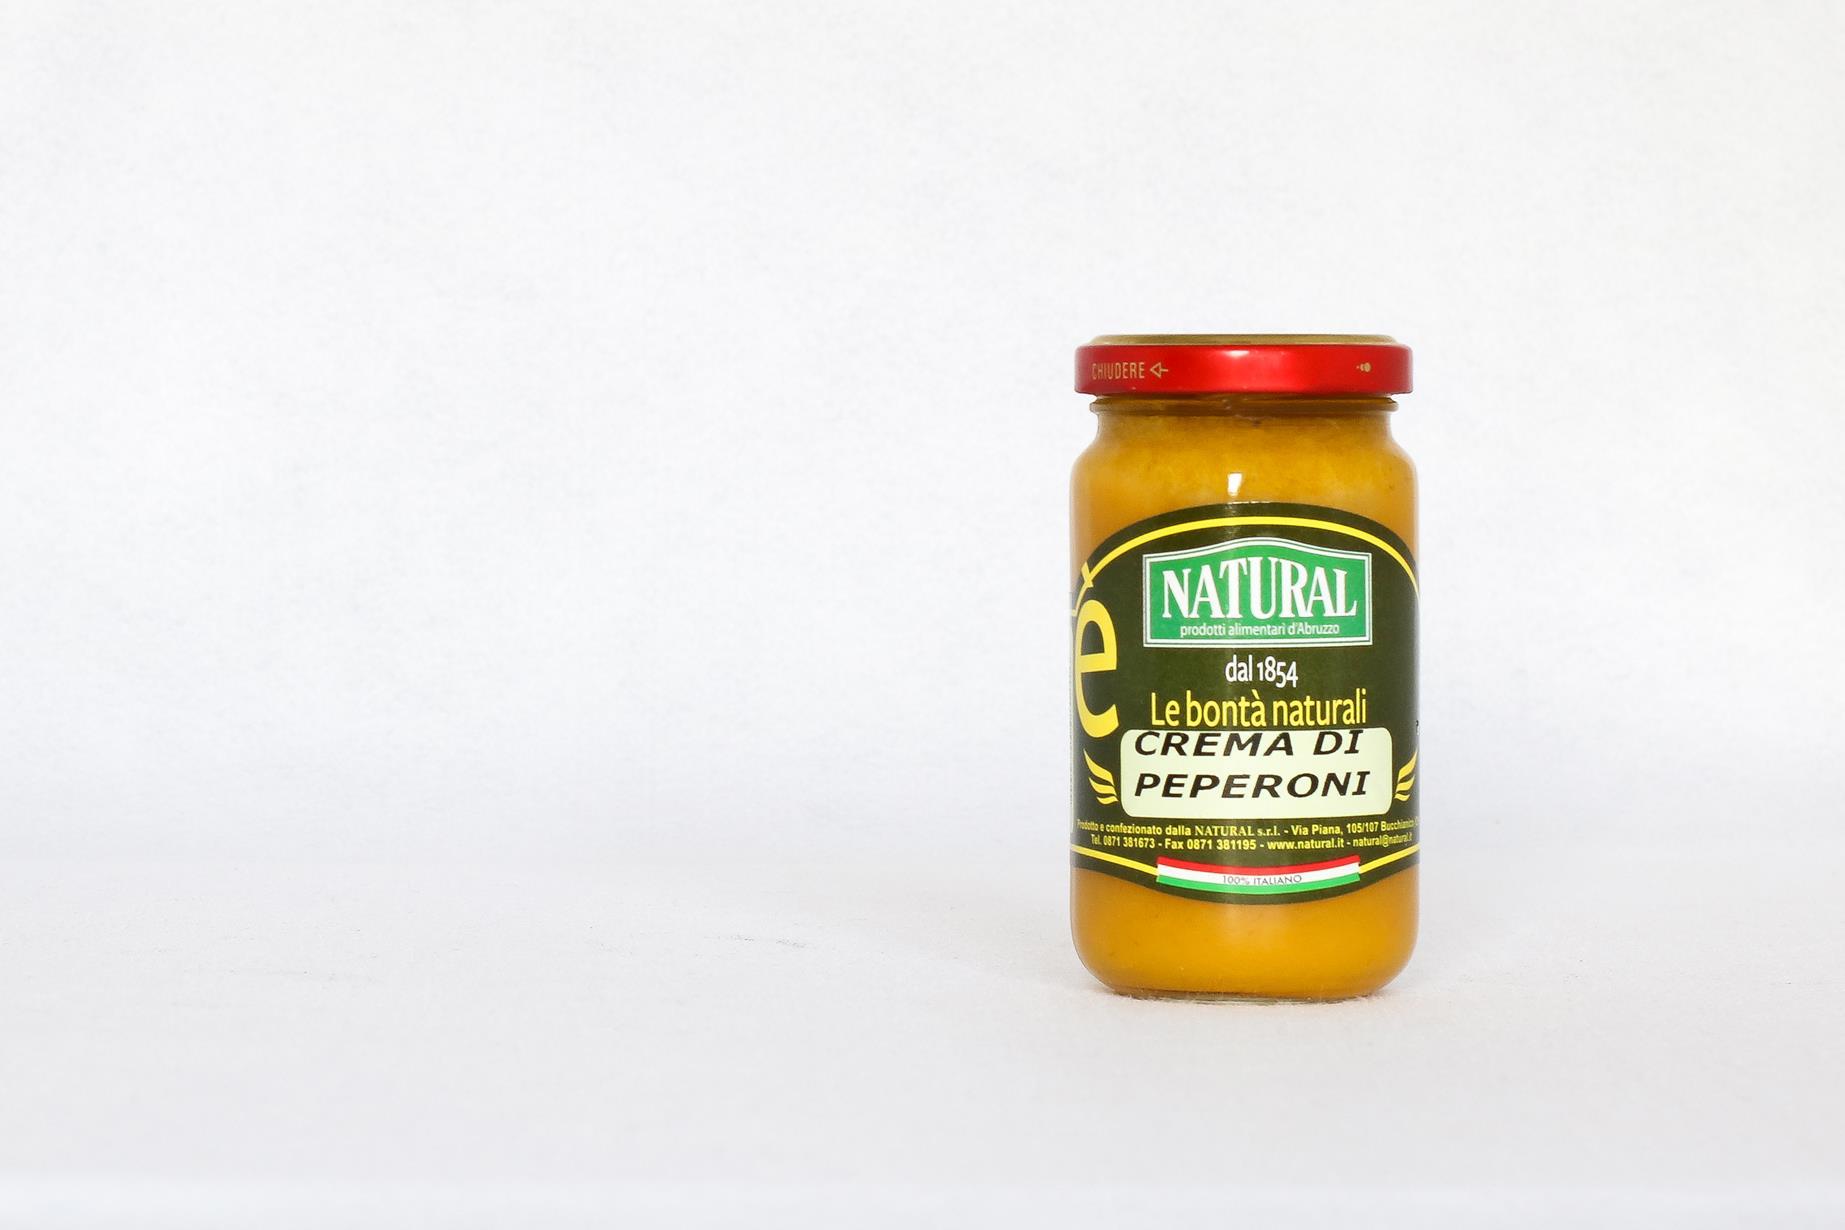 Natural Crema di Peperoni Gialli